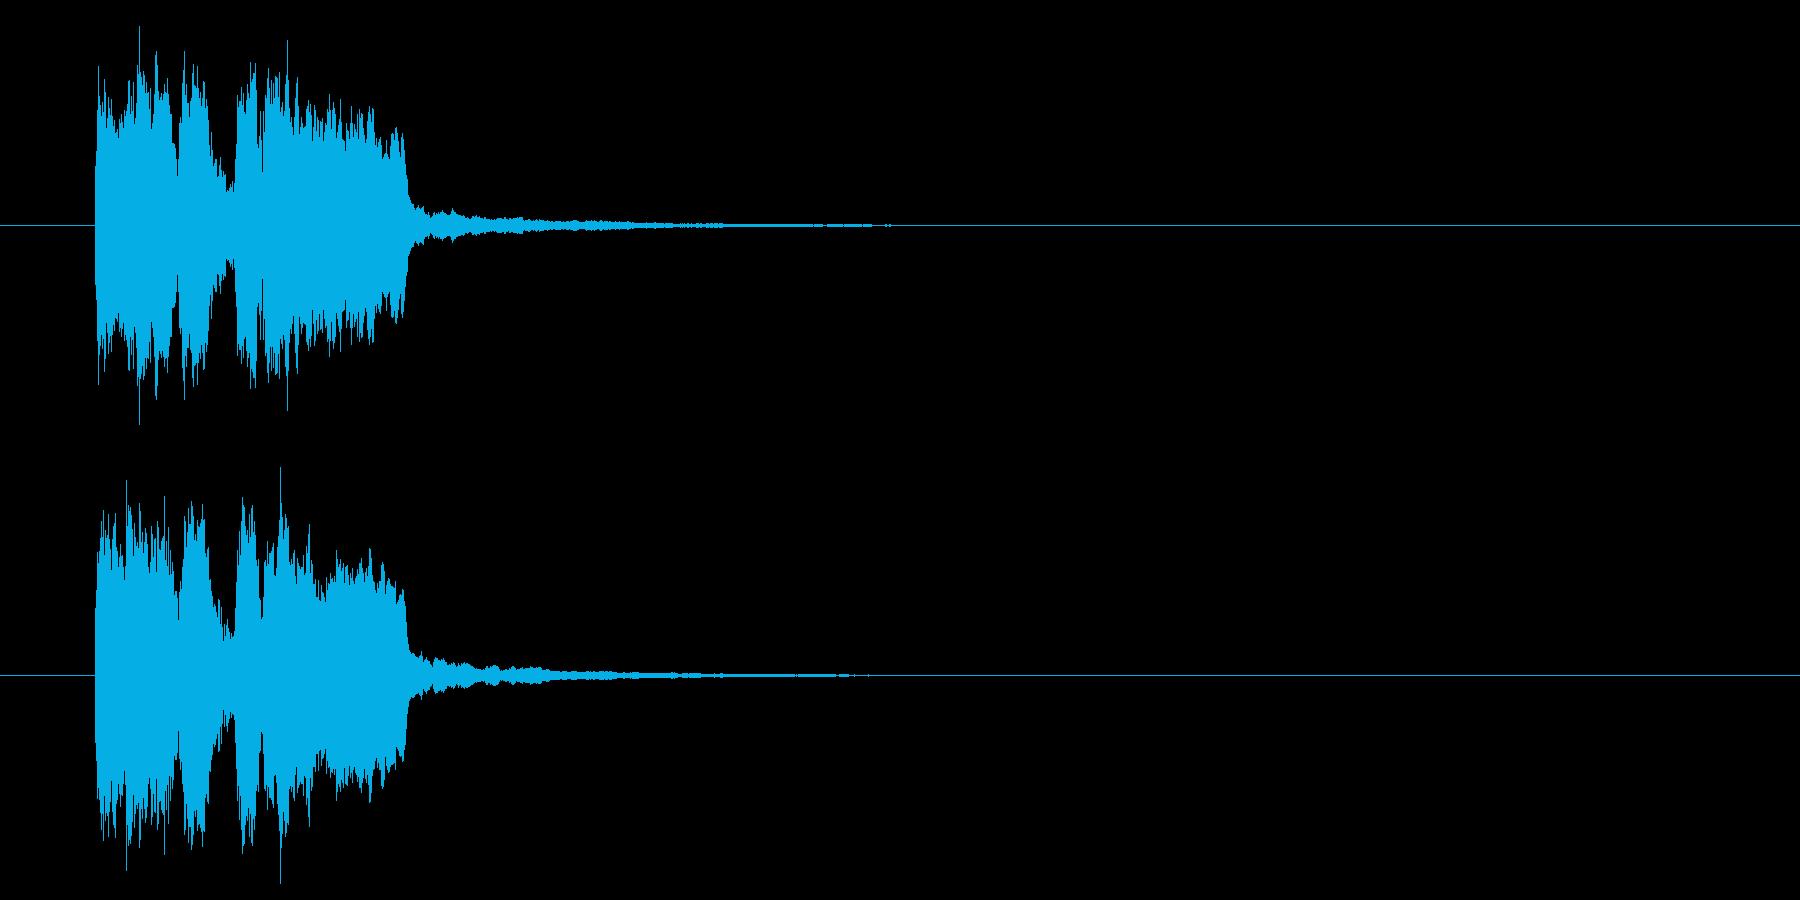 ゲームクリア音・登場音の再生済みの波形